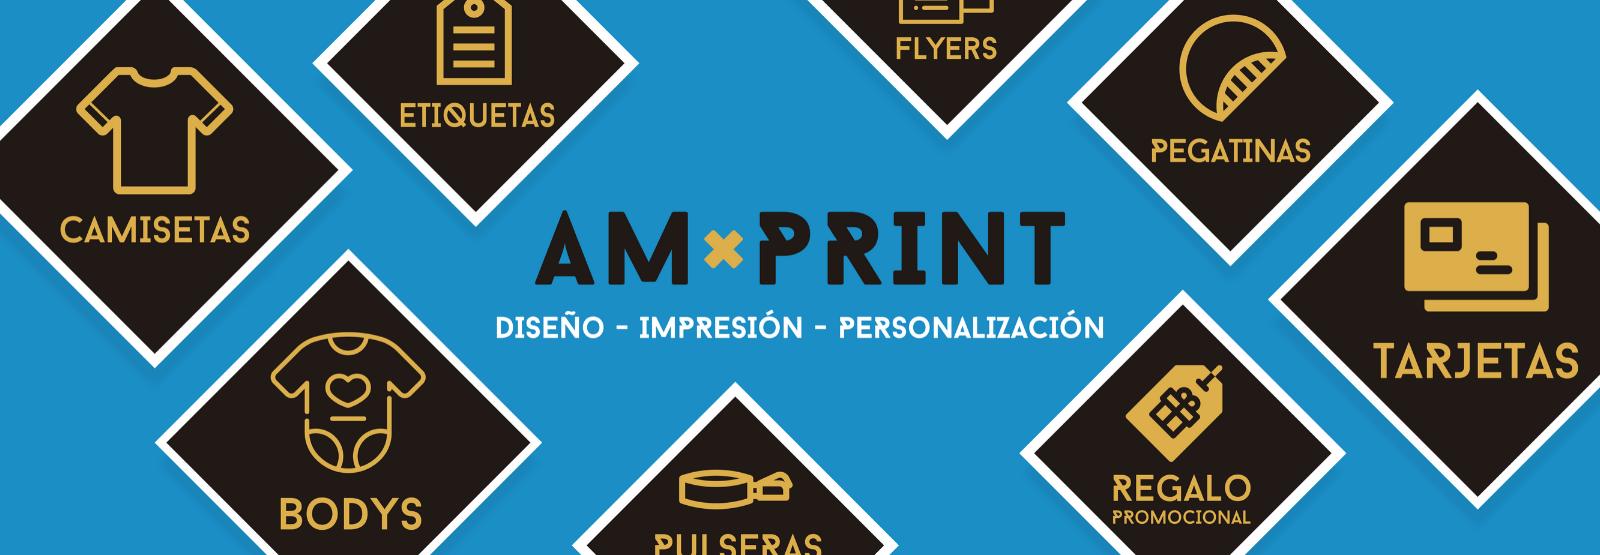 AM Print - Todos los productos